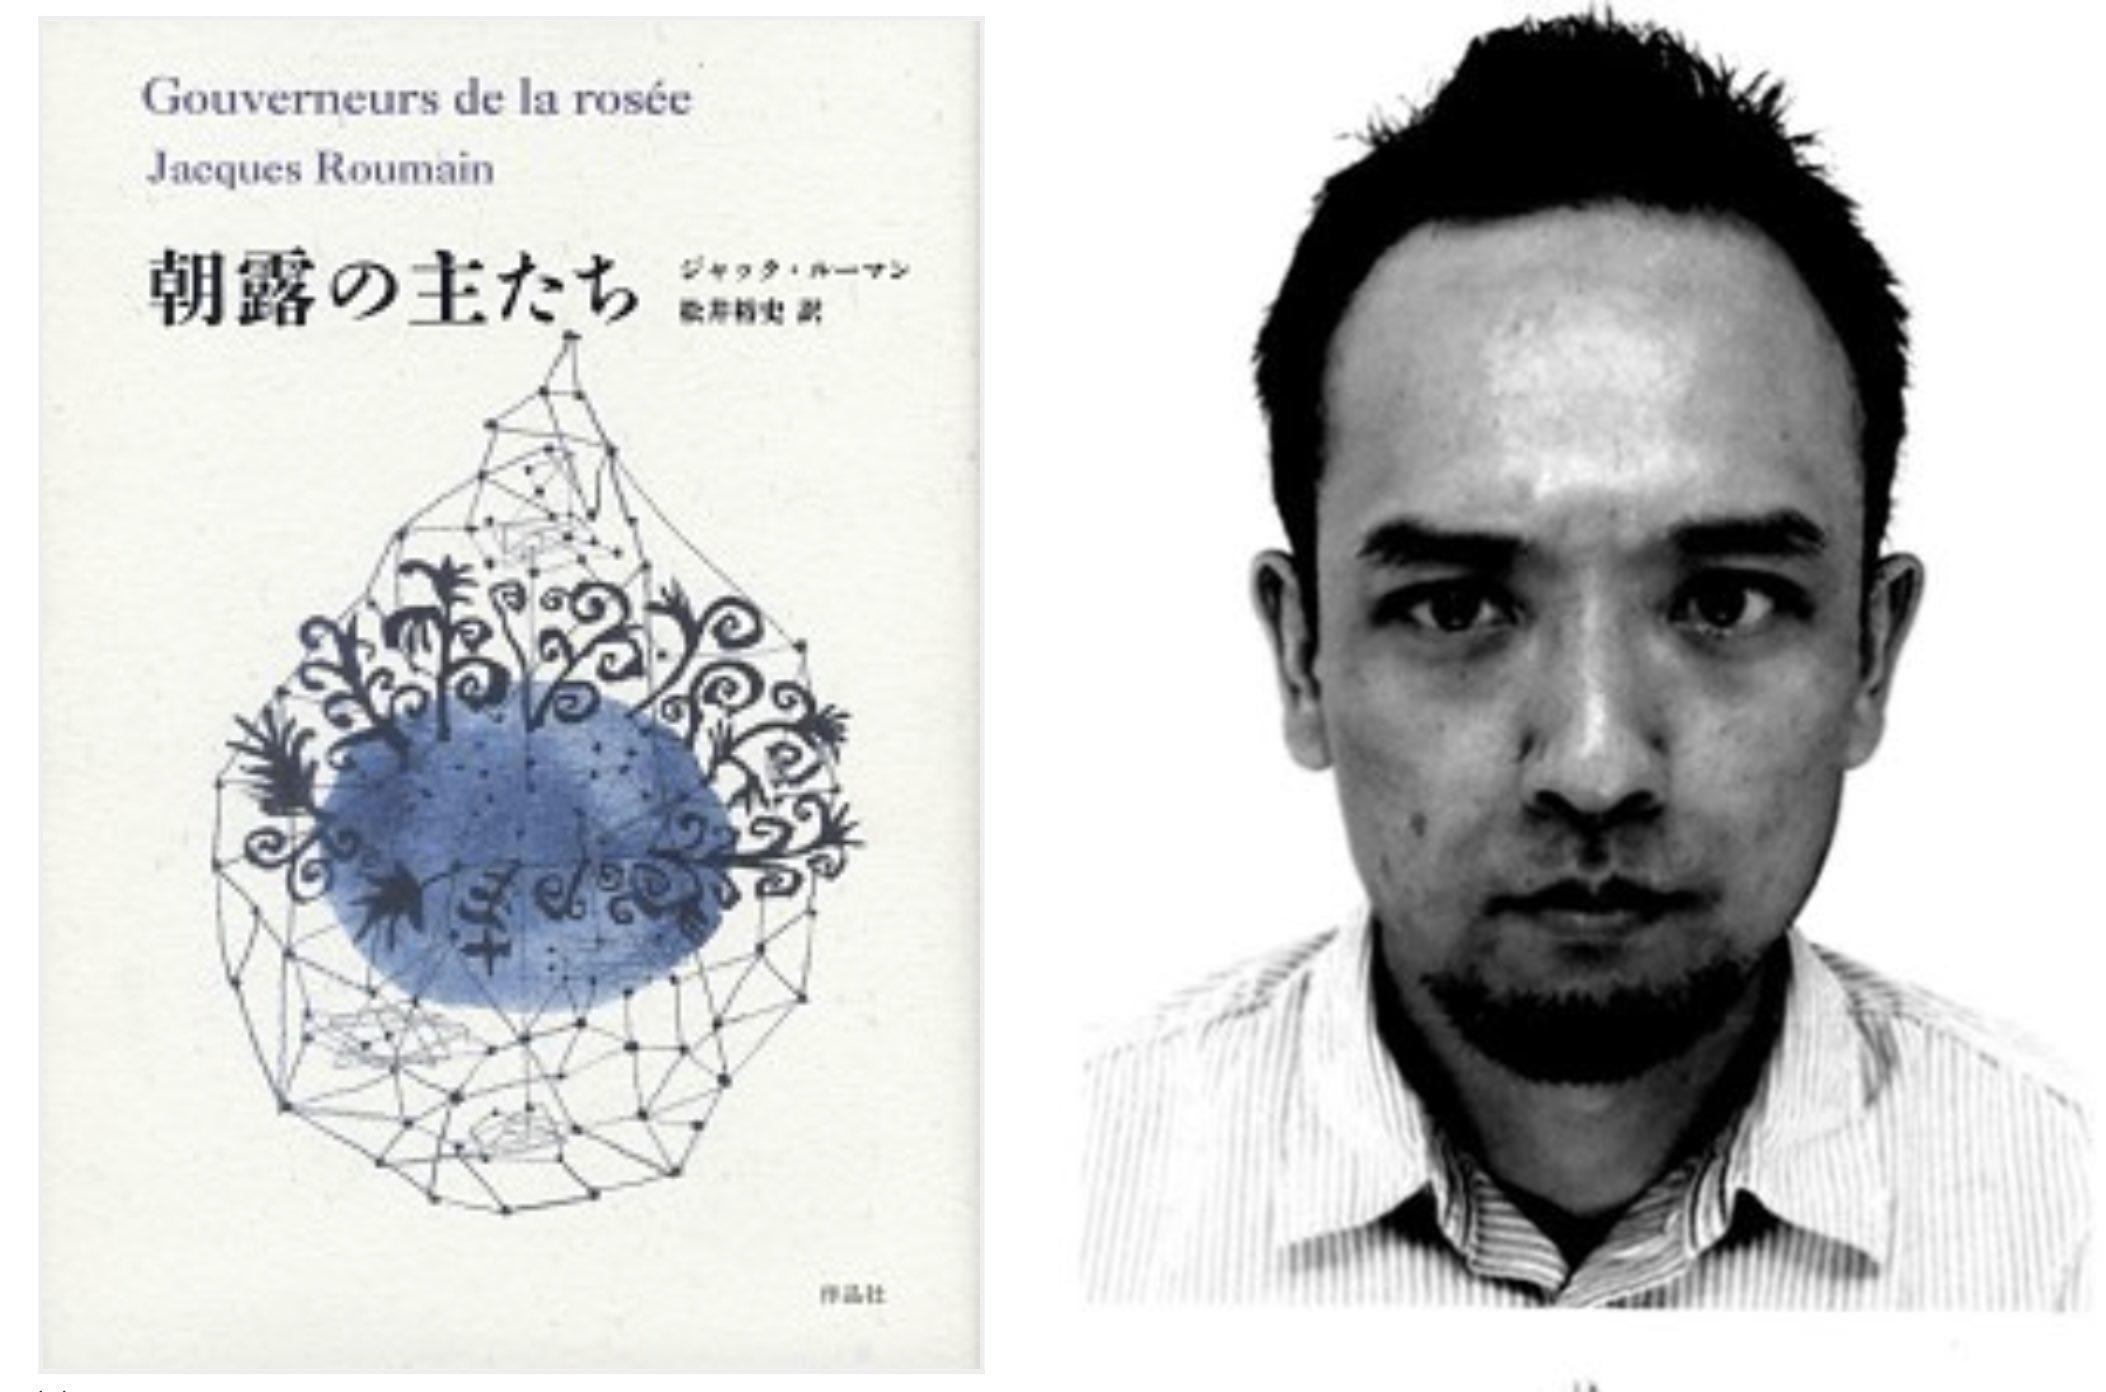 Collage de la couverture de Gouverneurs de la rosée et son traducteur